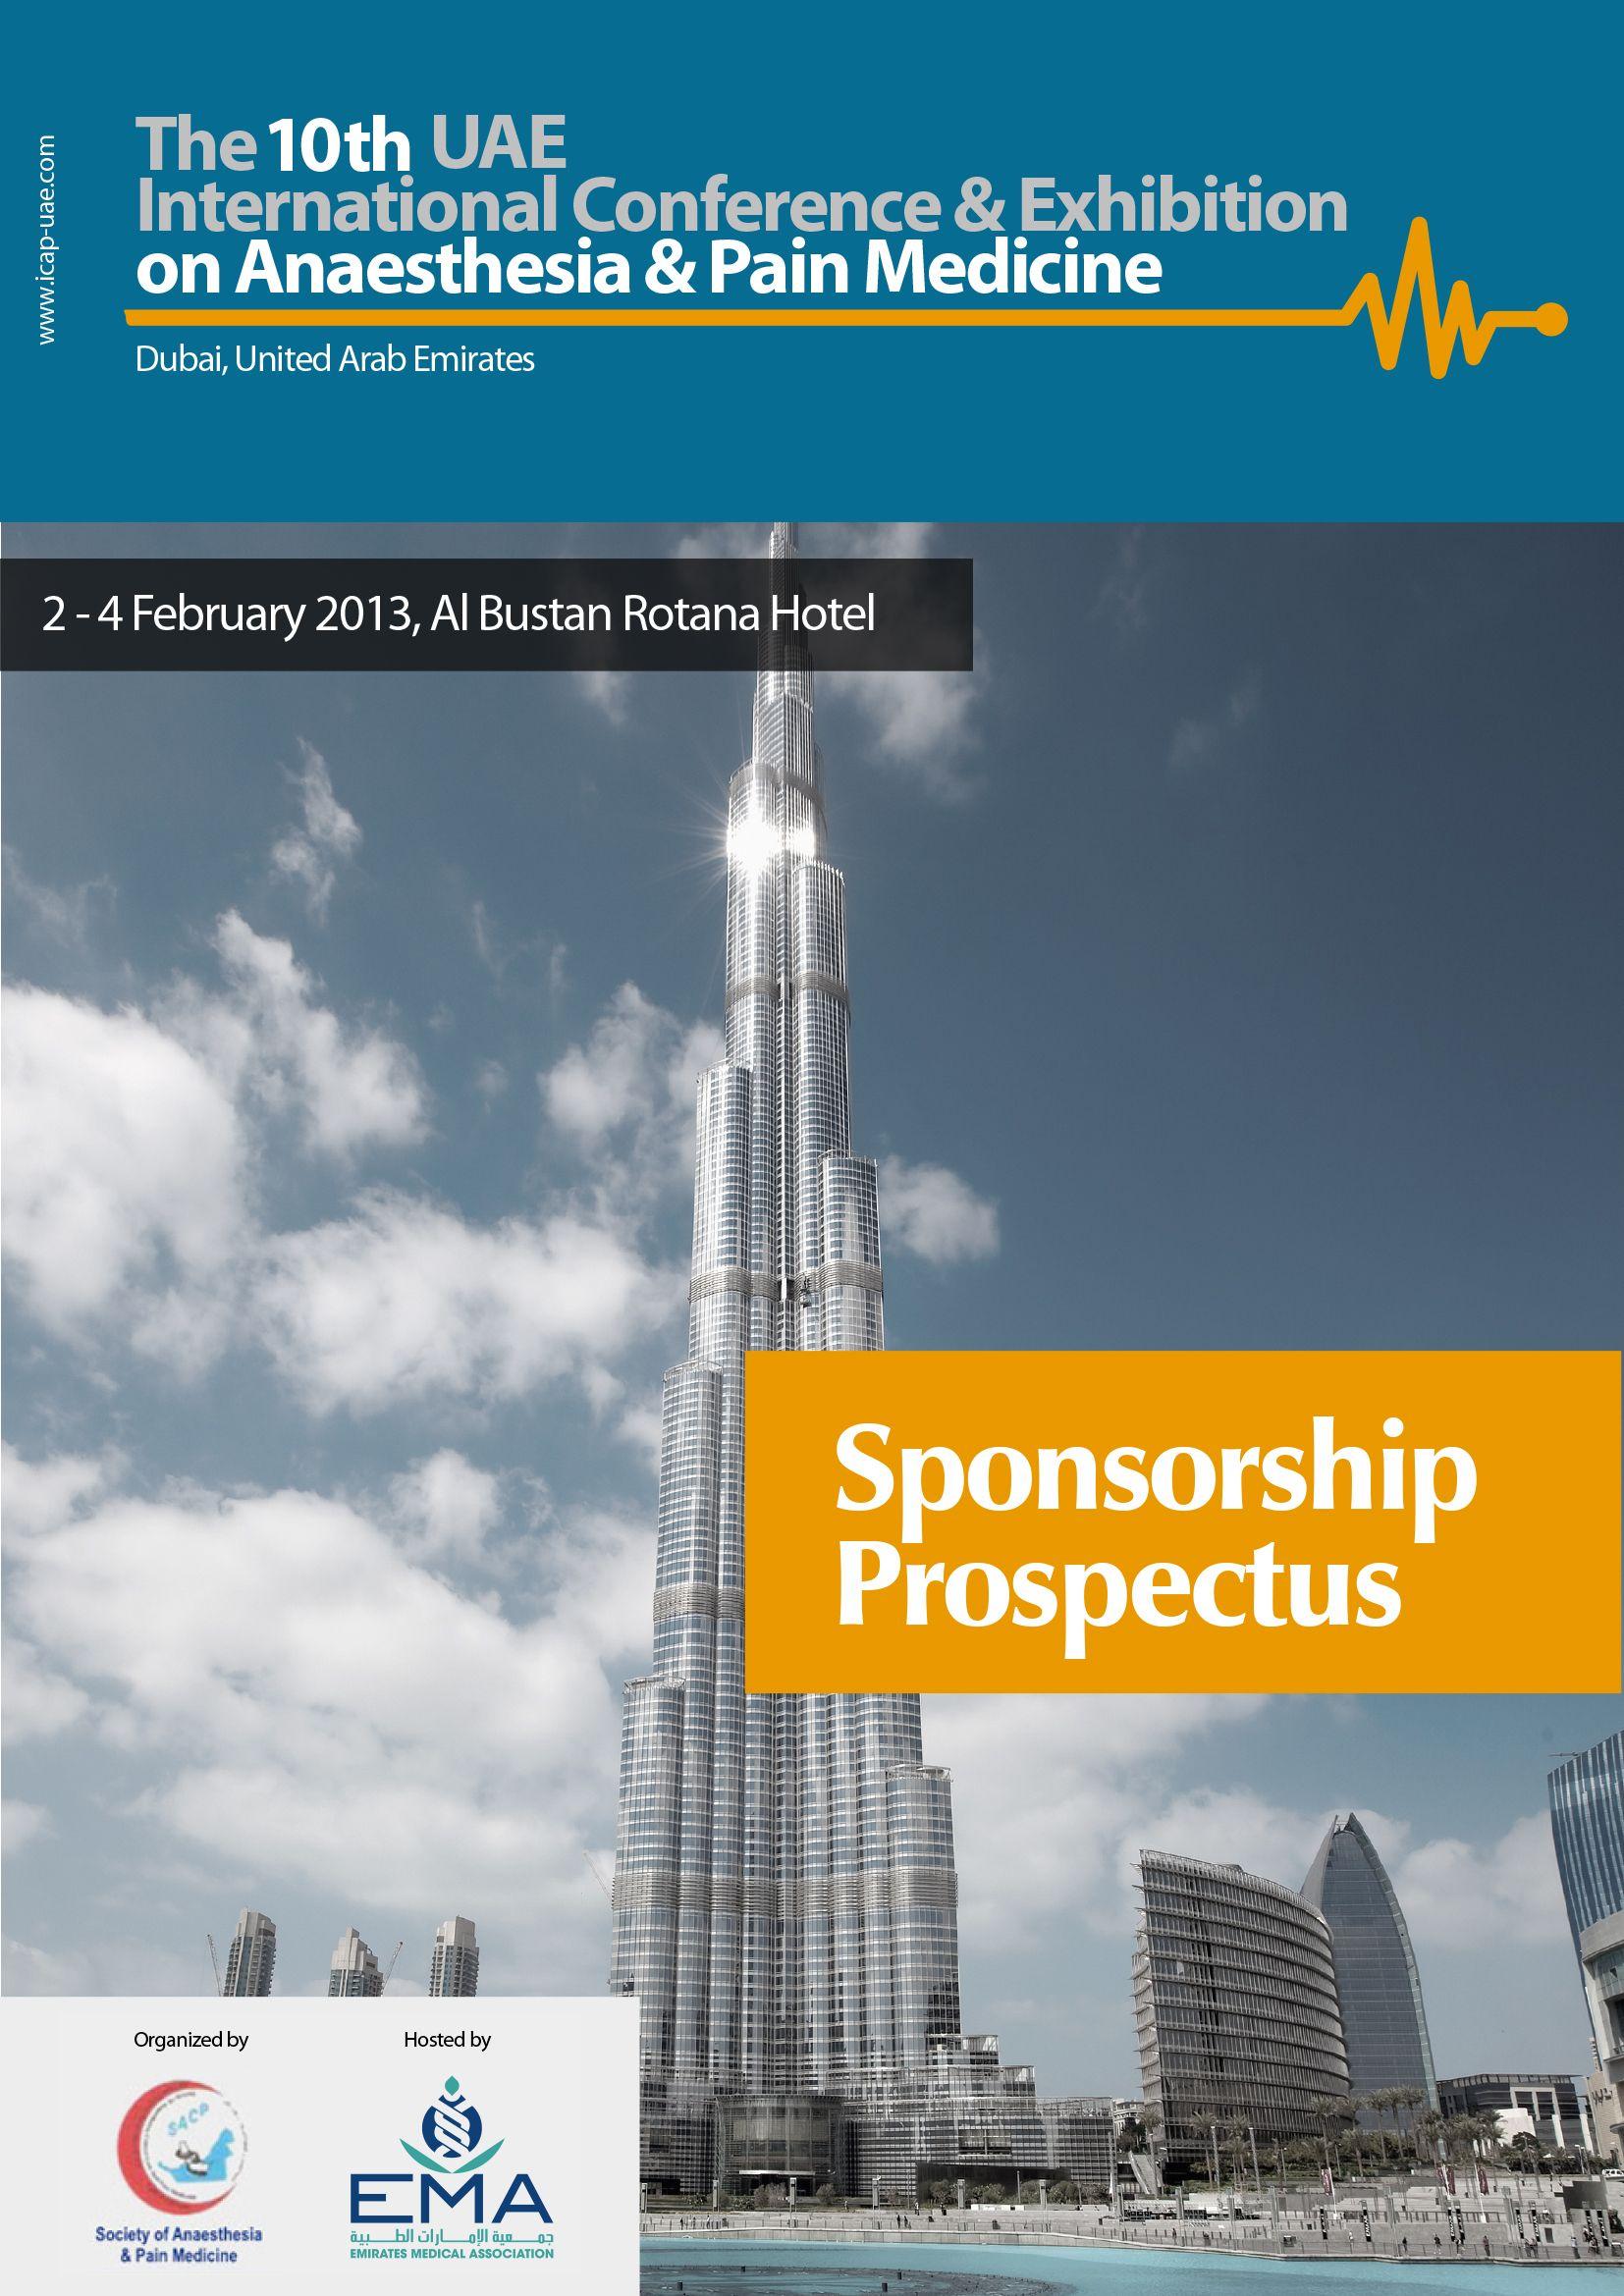 Sponsorship Prospectus Cover Page Sponsorship, Cover